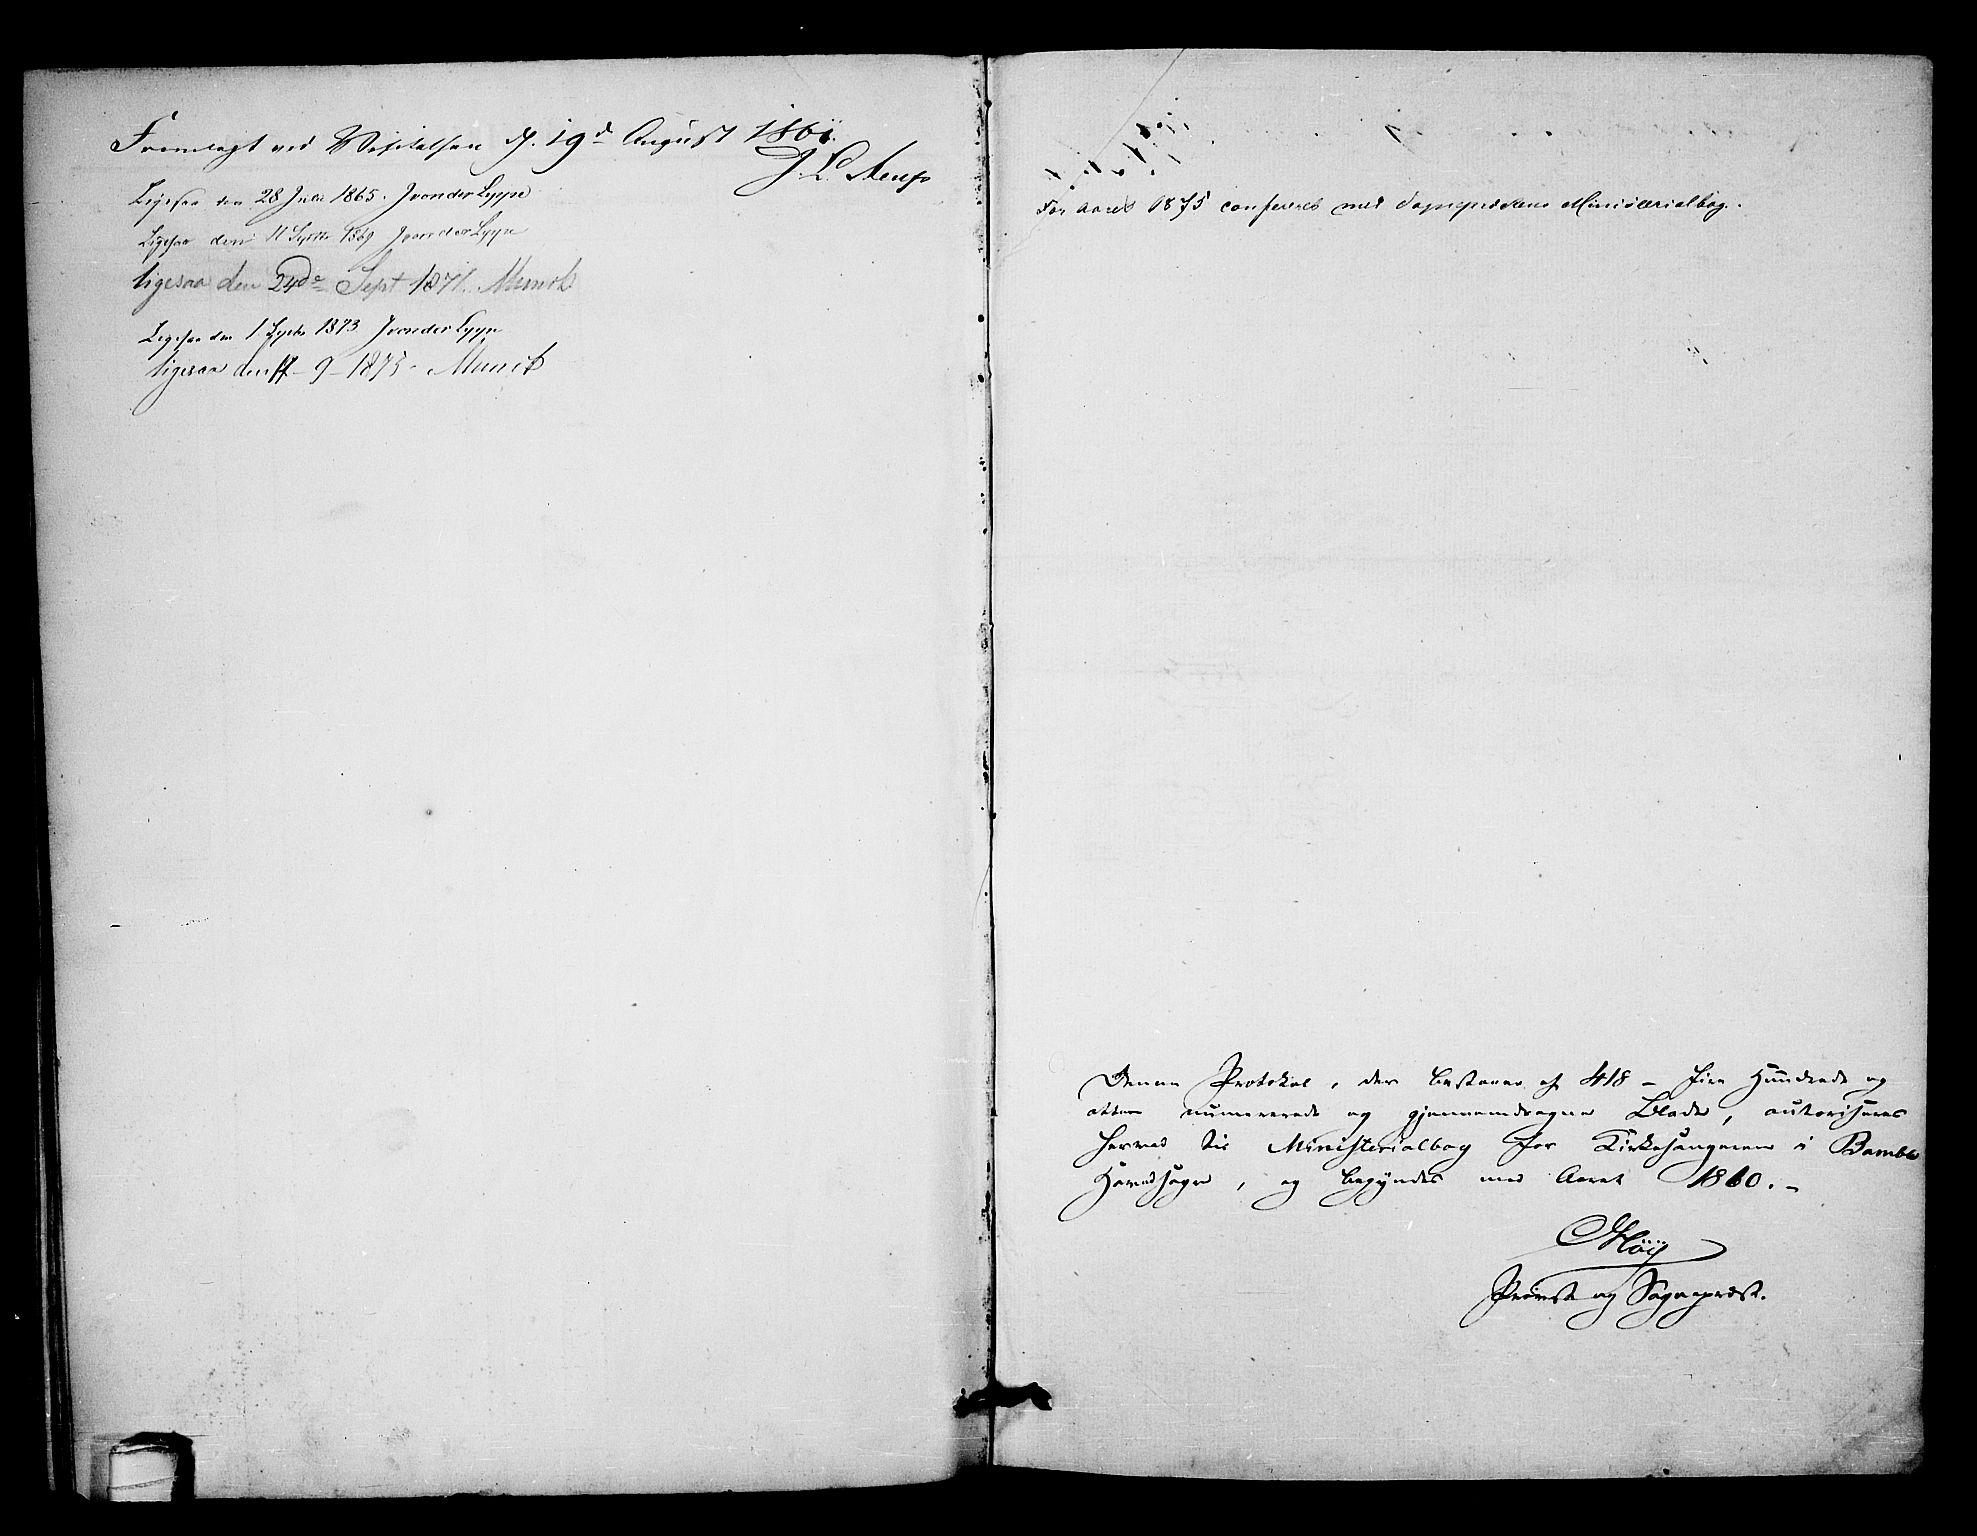 SAKO, Bamble kirkebøker, G/Ga/L0006: Klokkerbok nr. I 6, 1860-1876